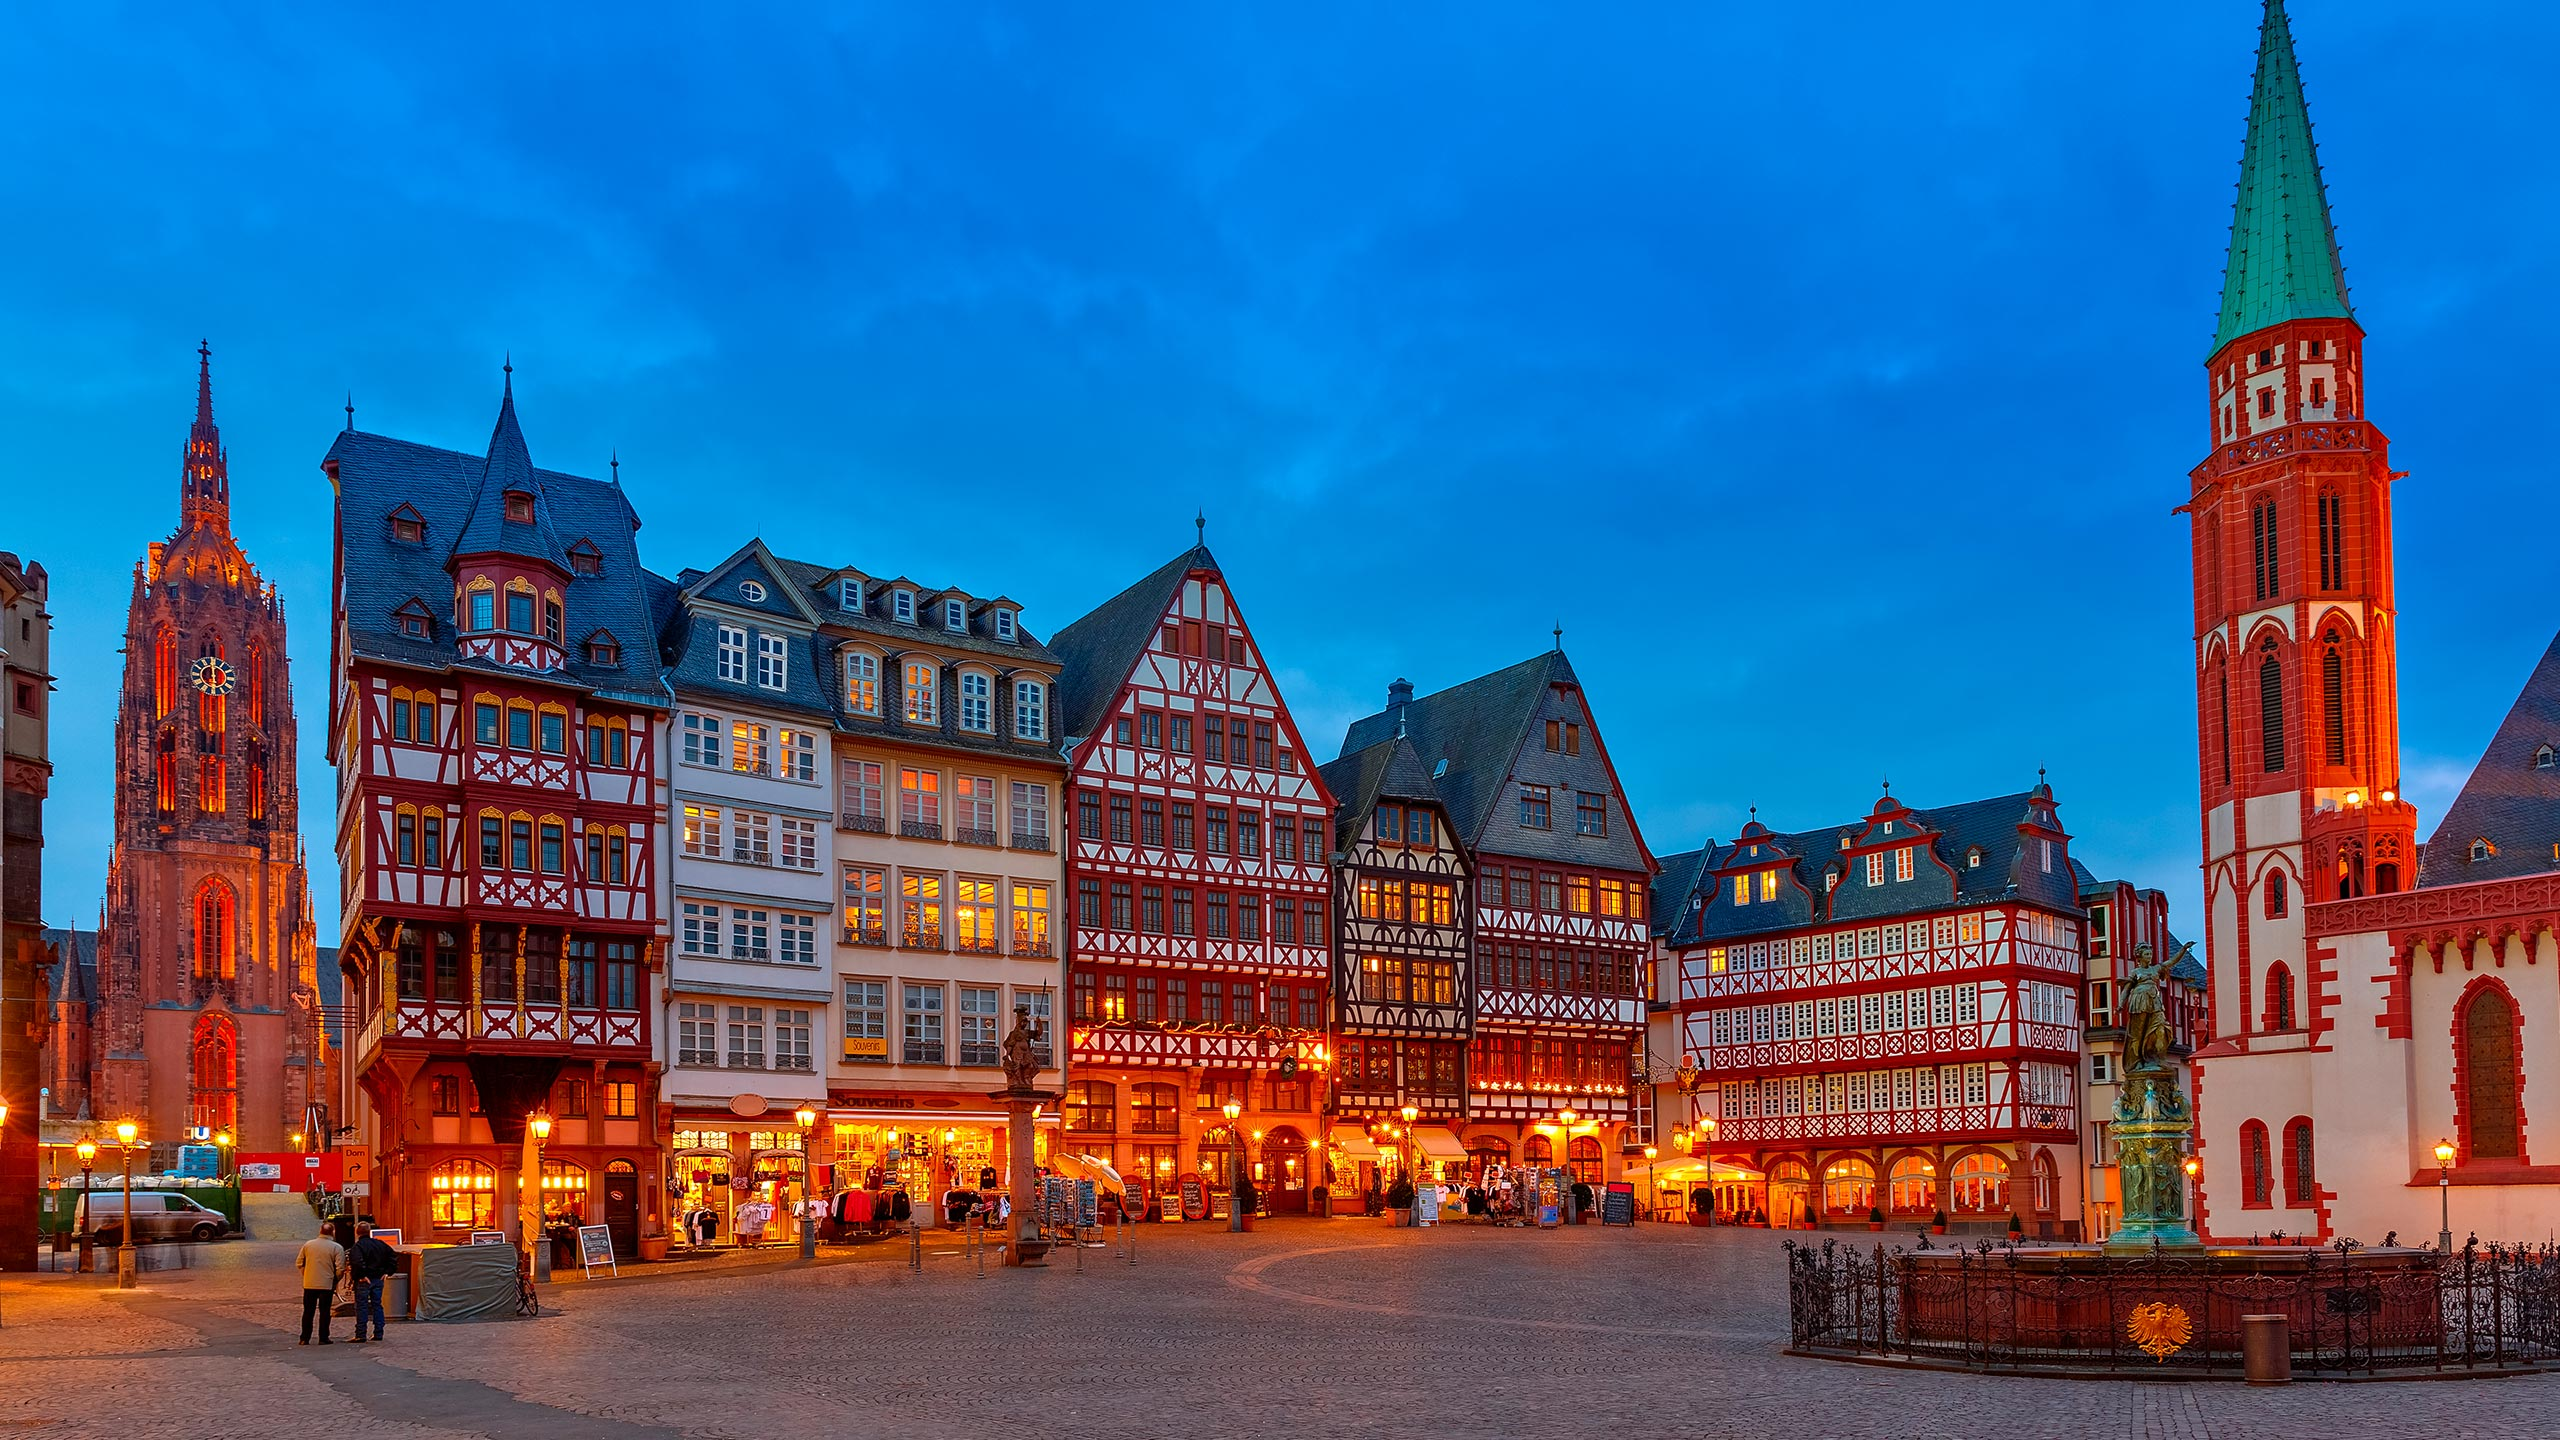 billige flyreiser til icelandair frankfurt billige flybilletter til frankfurt tyskland. Black Bedroom Furniture Sets. Home Design Ideas